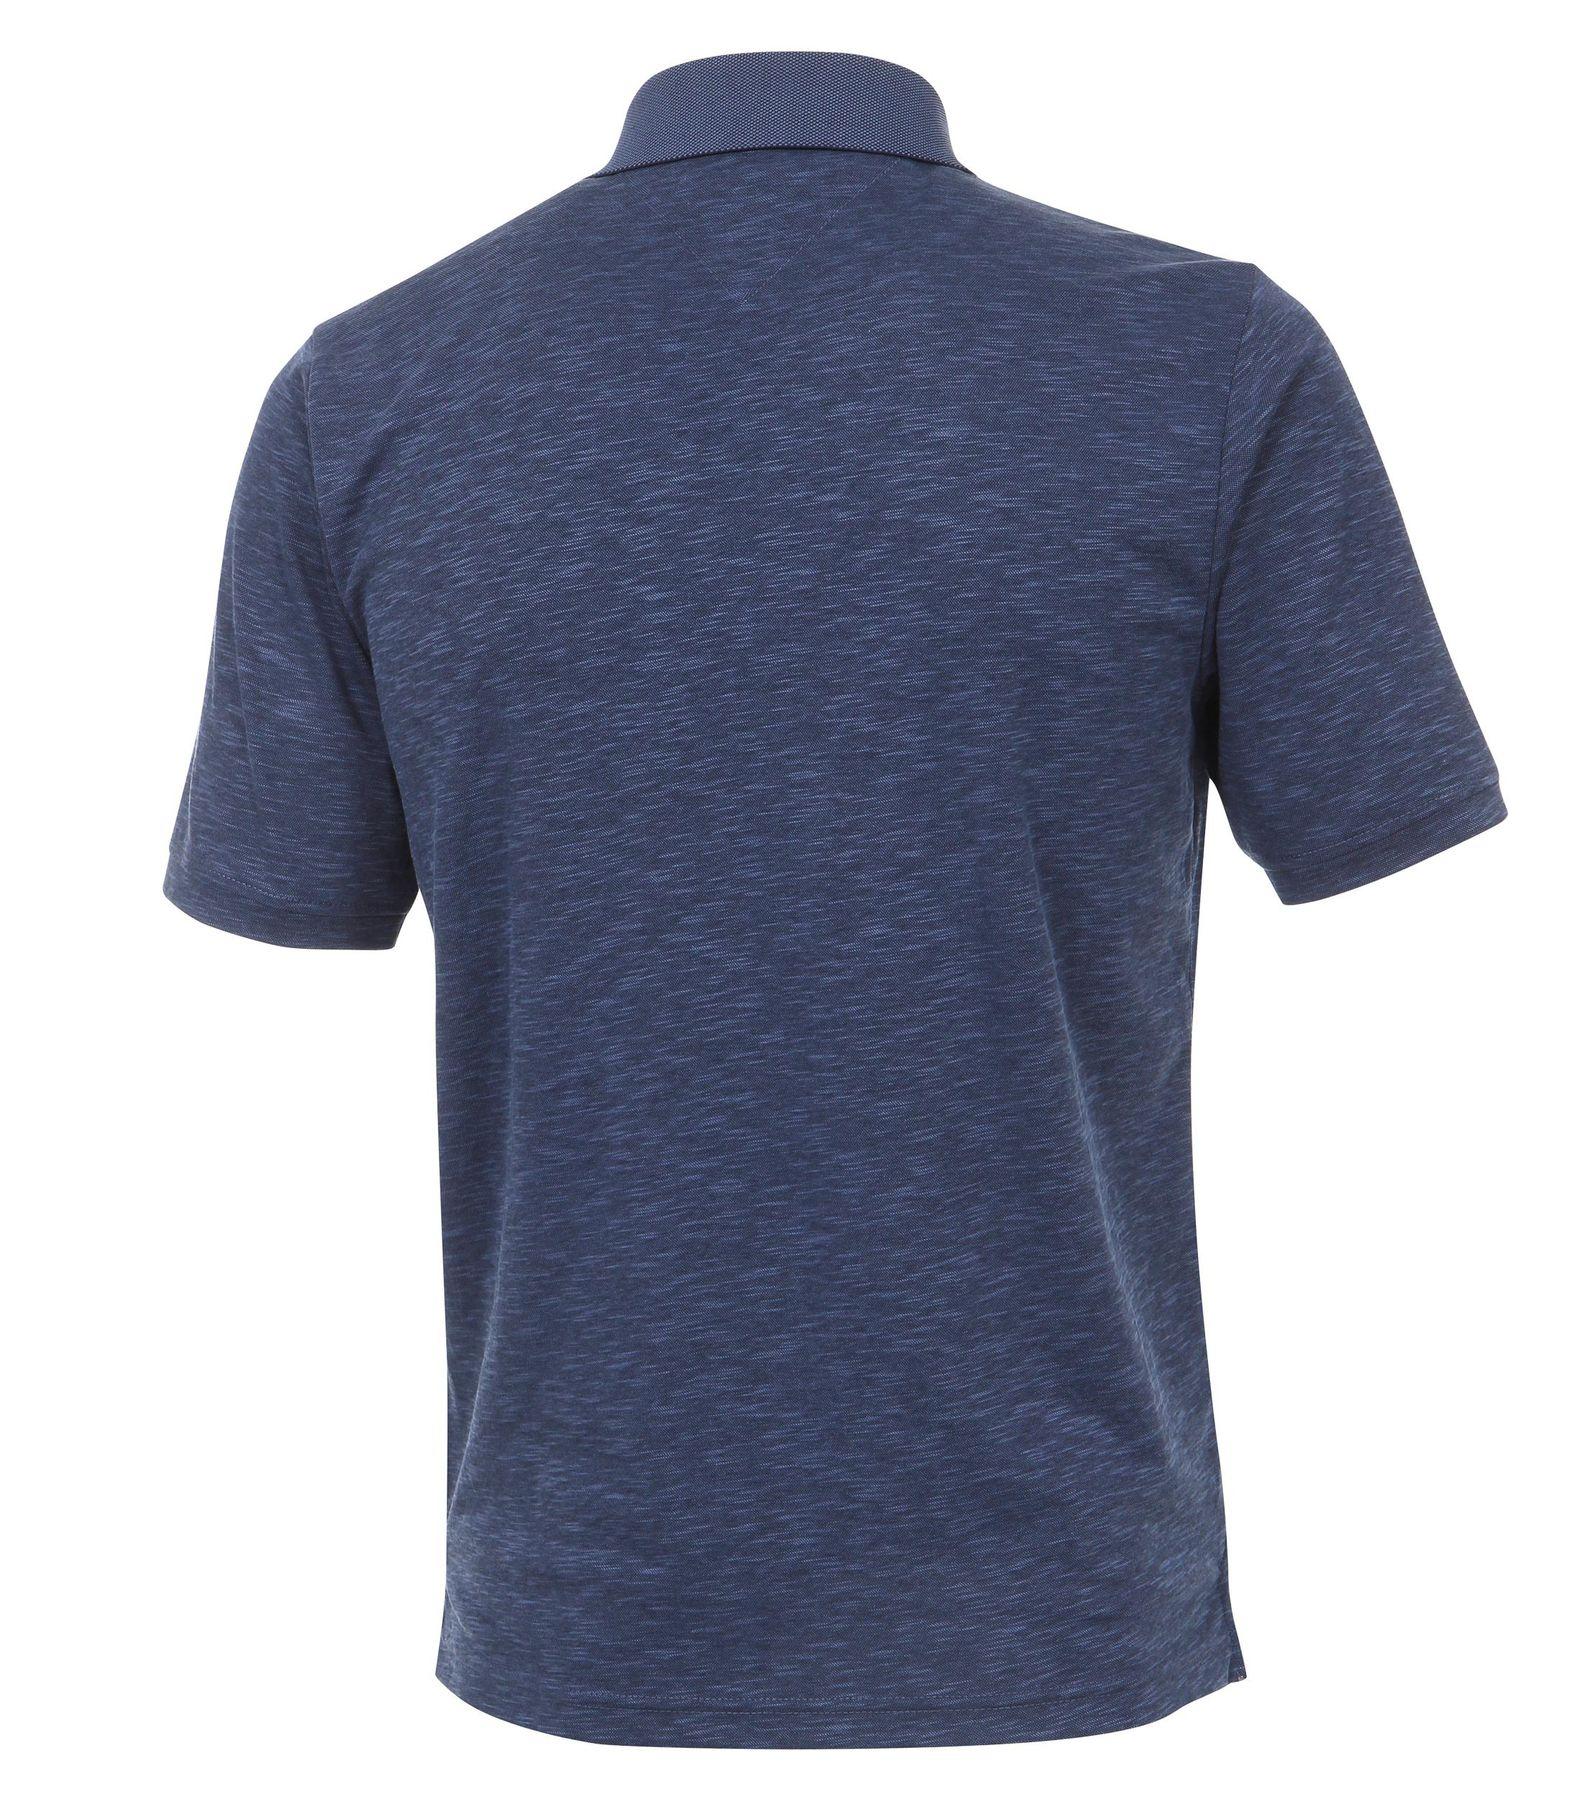 Casa Moda - Herren Polo Shirt in Melange Optik und Brusttasche in verschiedenen Farben (972630300) – Bild 2